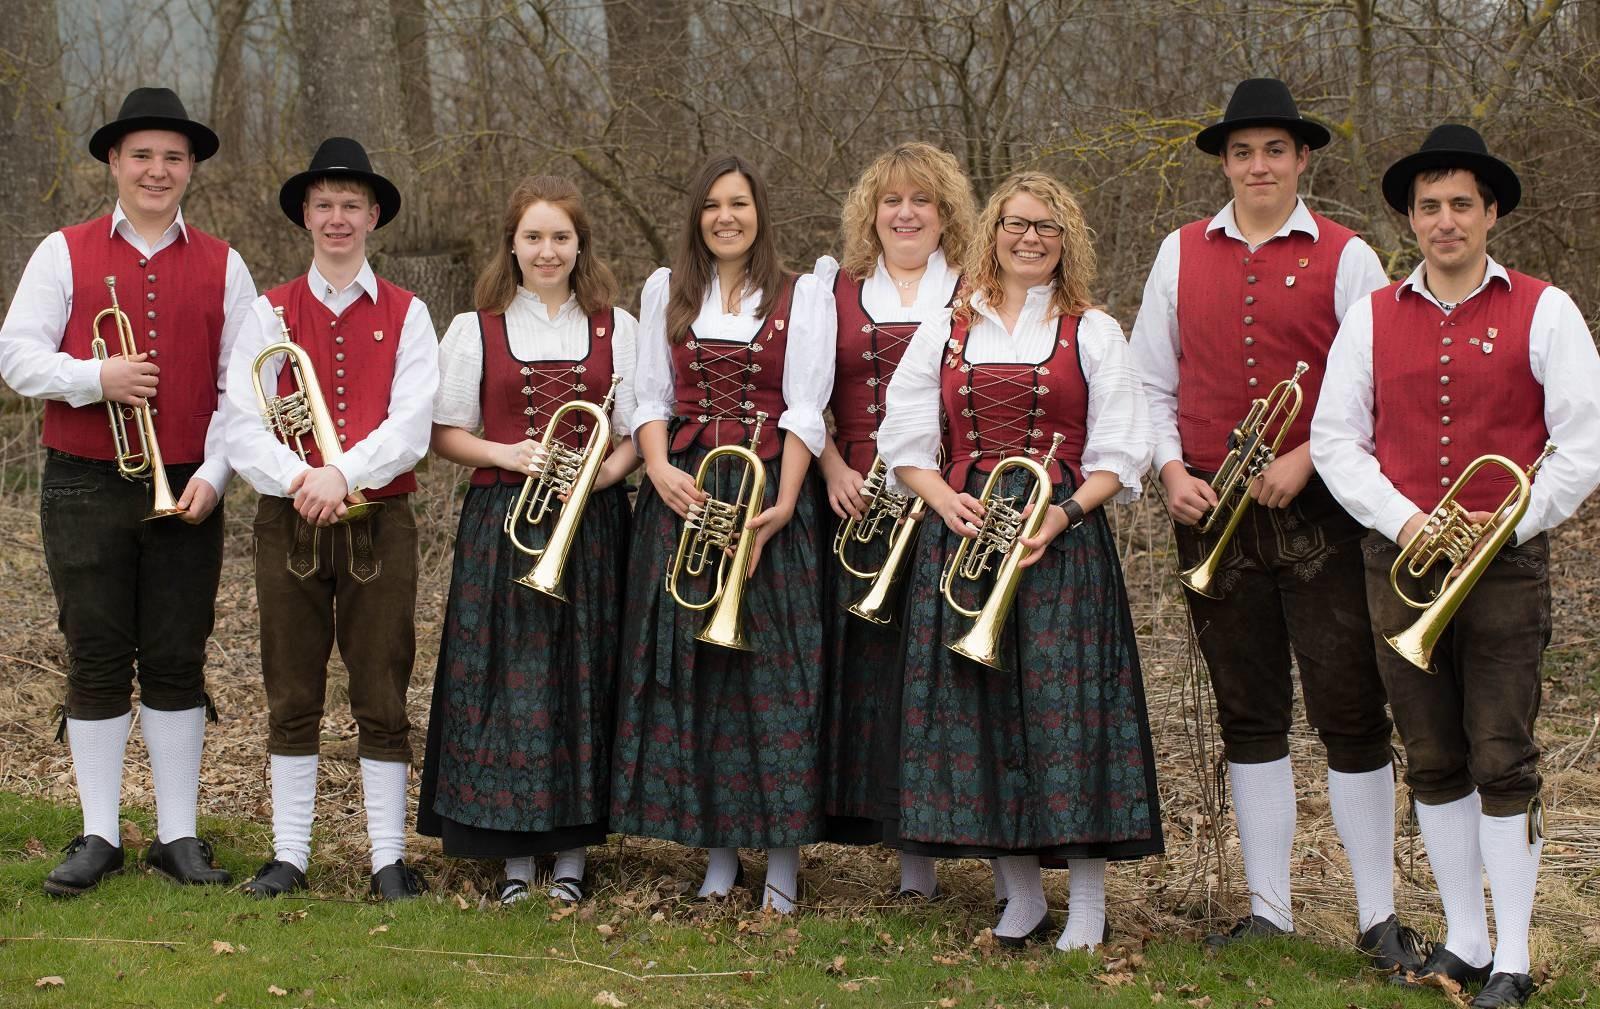 von links: Cedric Schreiber, Rainer Müller, Katja Maier, Lena Muck, Petra Schuhwerk, Kathrin Betz, Patrick Wörz, Daniel Schedel